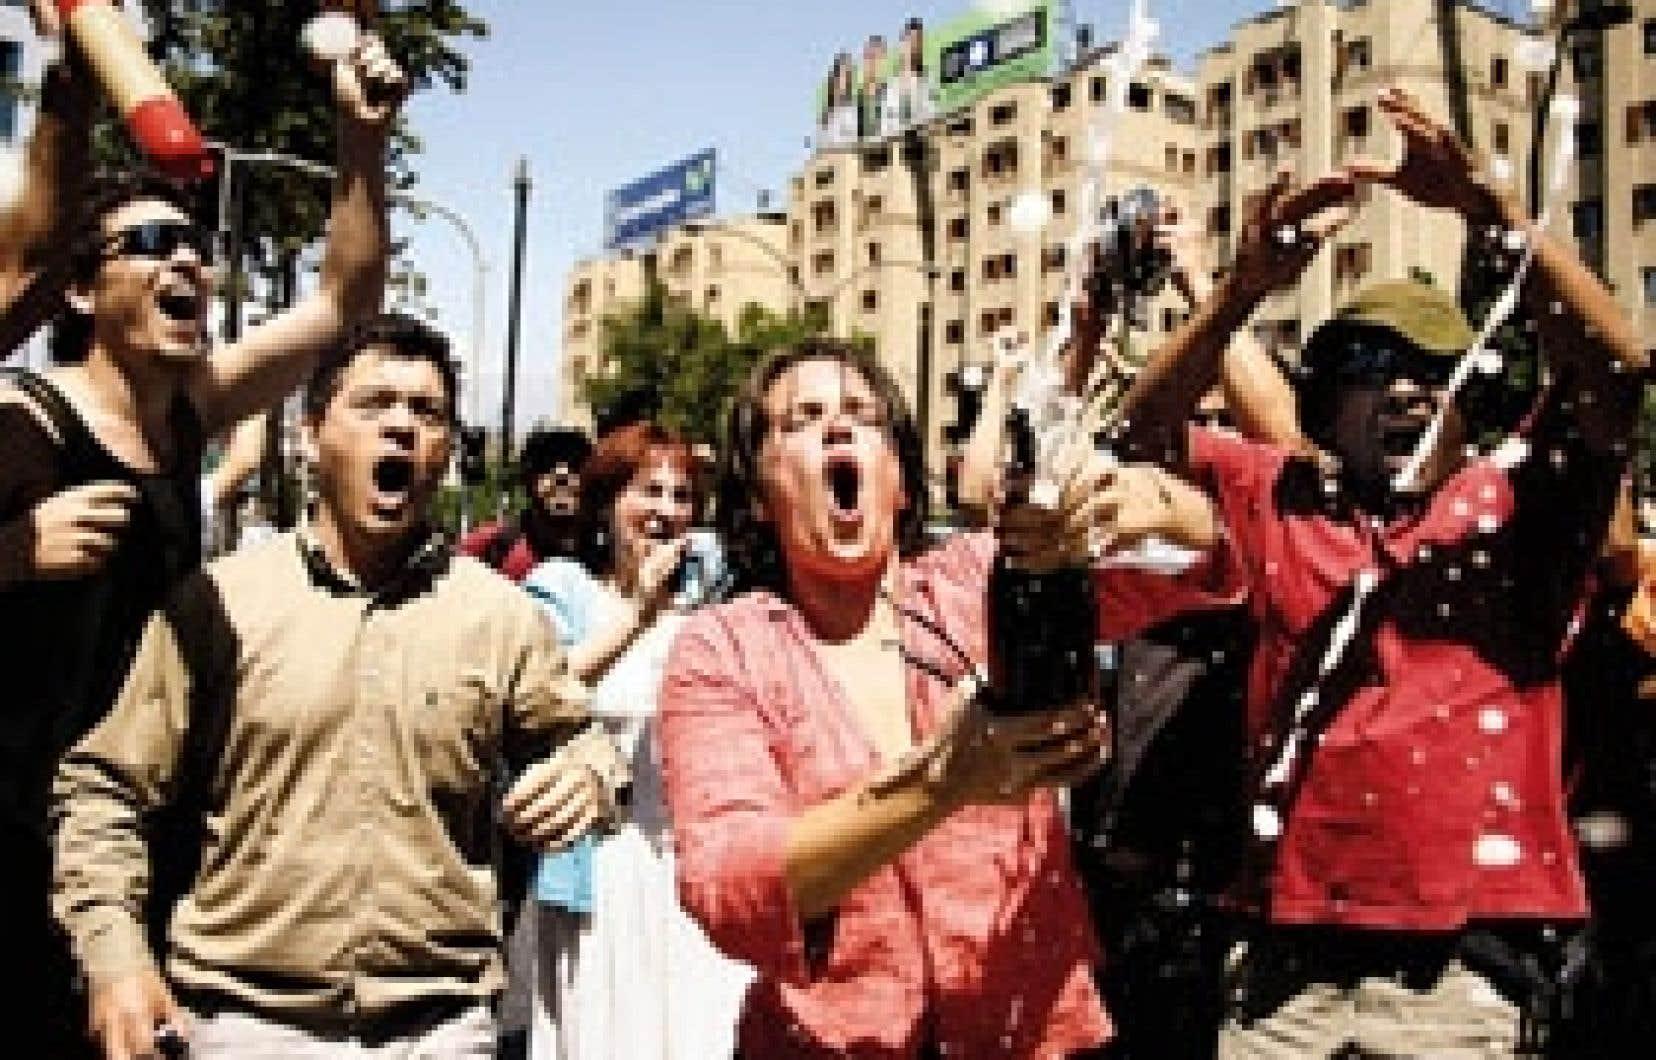 Des milliers de personnes ont laissé exploser leur joie, hier à Santiago, certaines débouchant même le champagne, après l'annonce de la mort d'Augusto Pinochet, dont la dictature s'est étendue de 1973 à 1990.